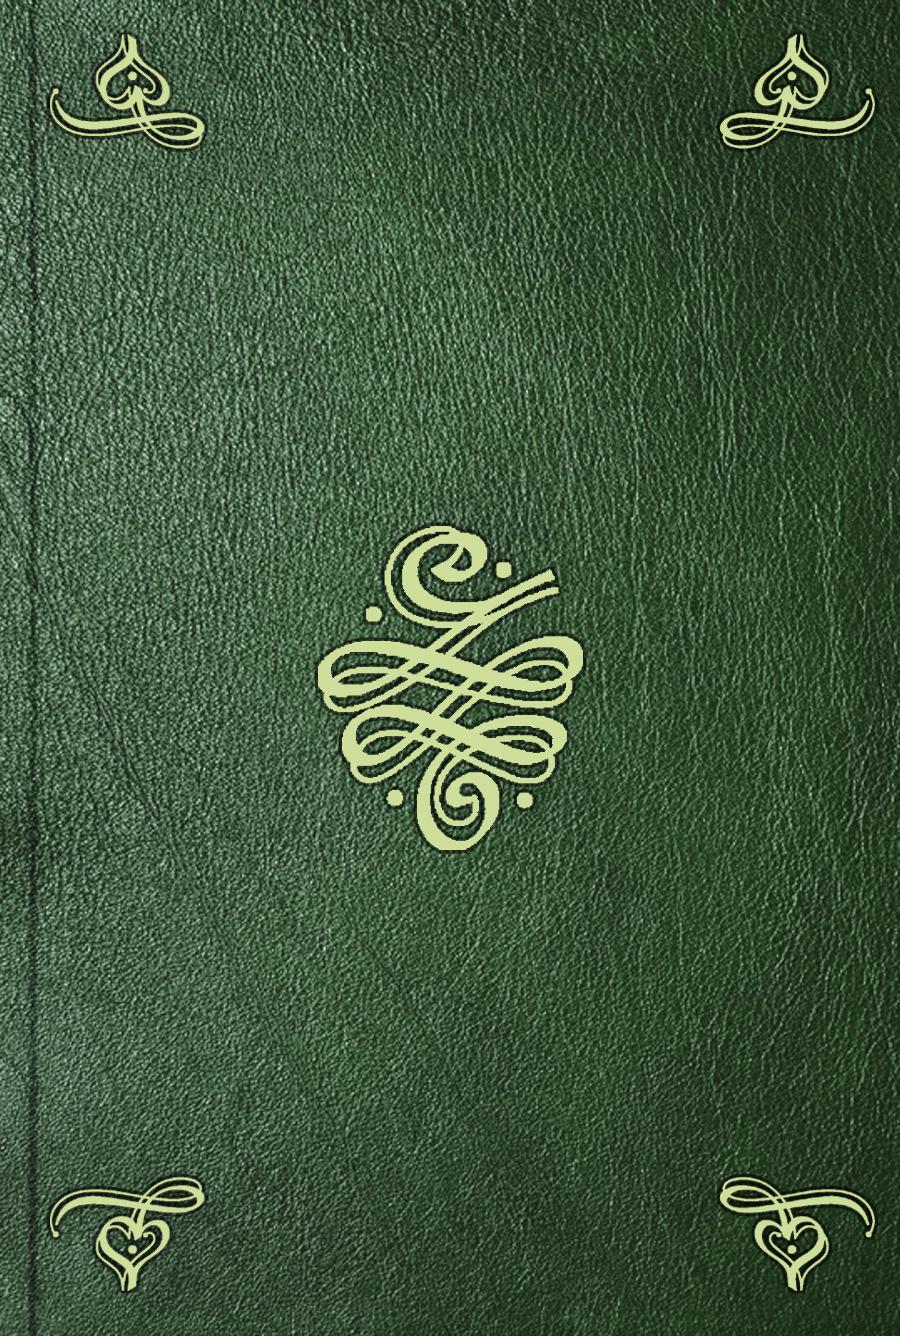 Ennio Quirino Visconti Musee Pie-Clementin. T. 1 ennio morricone ennio morricone s greatest hits 2 cd